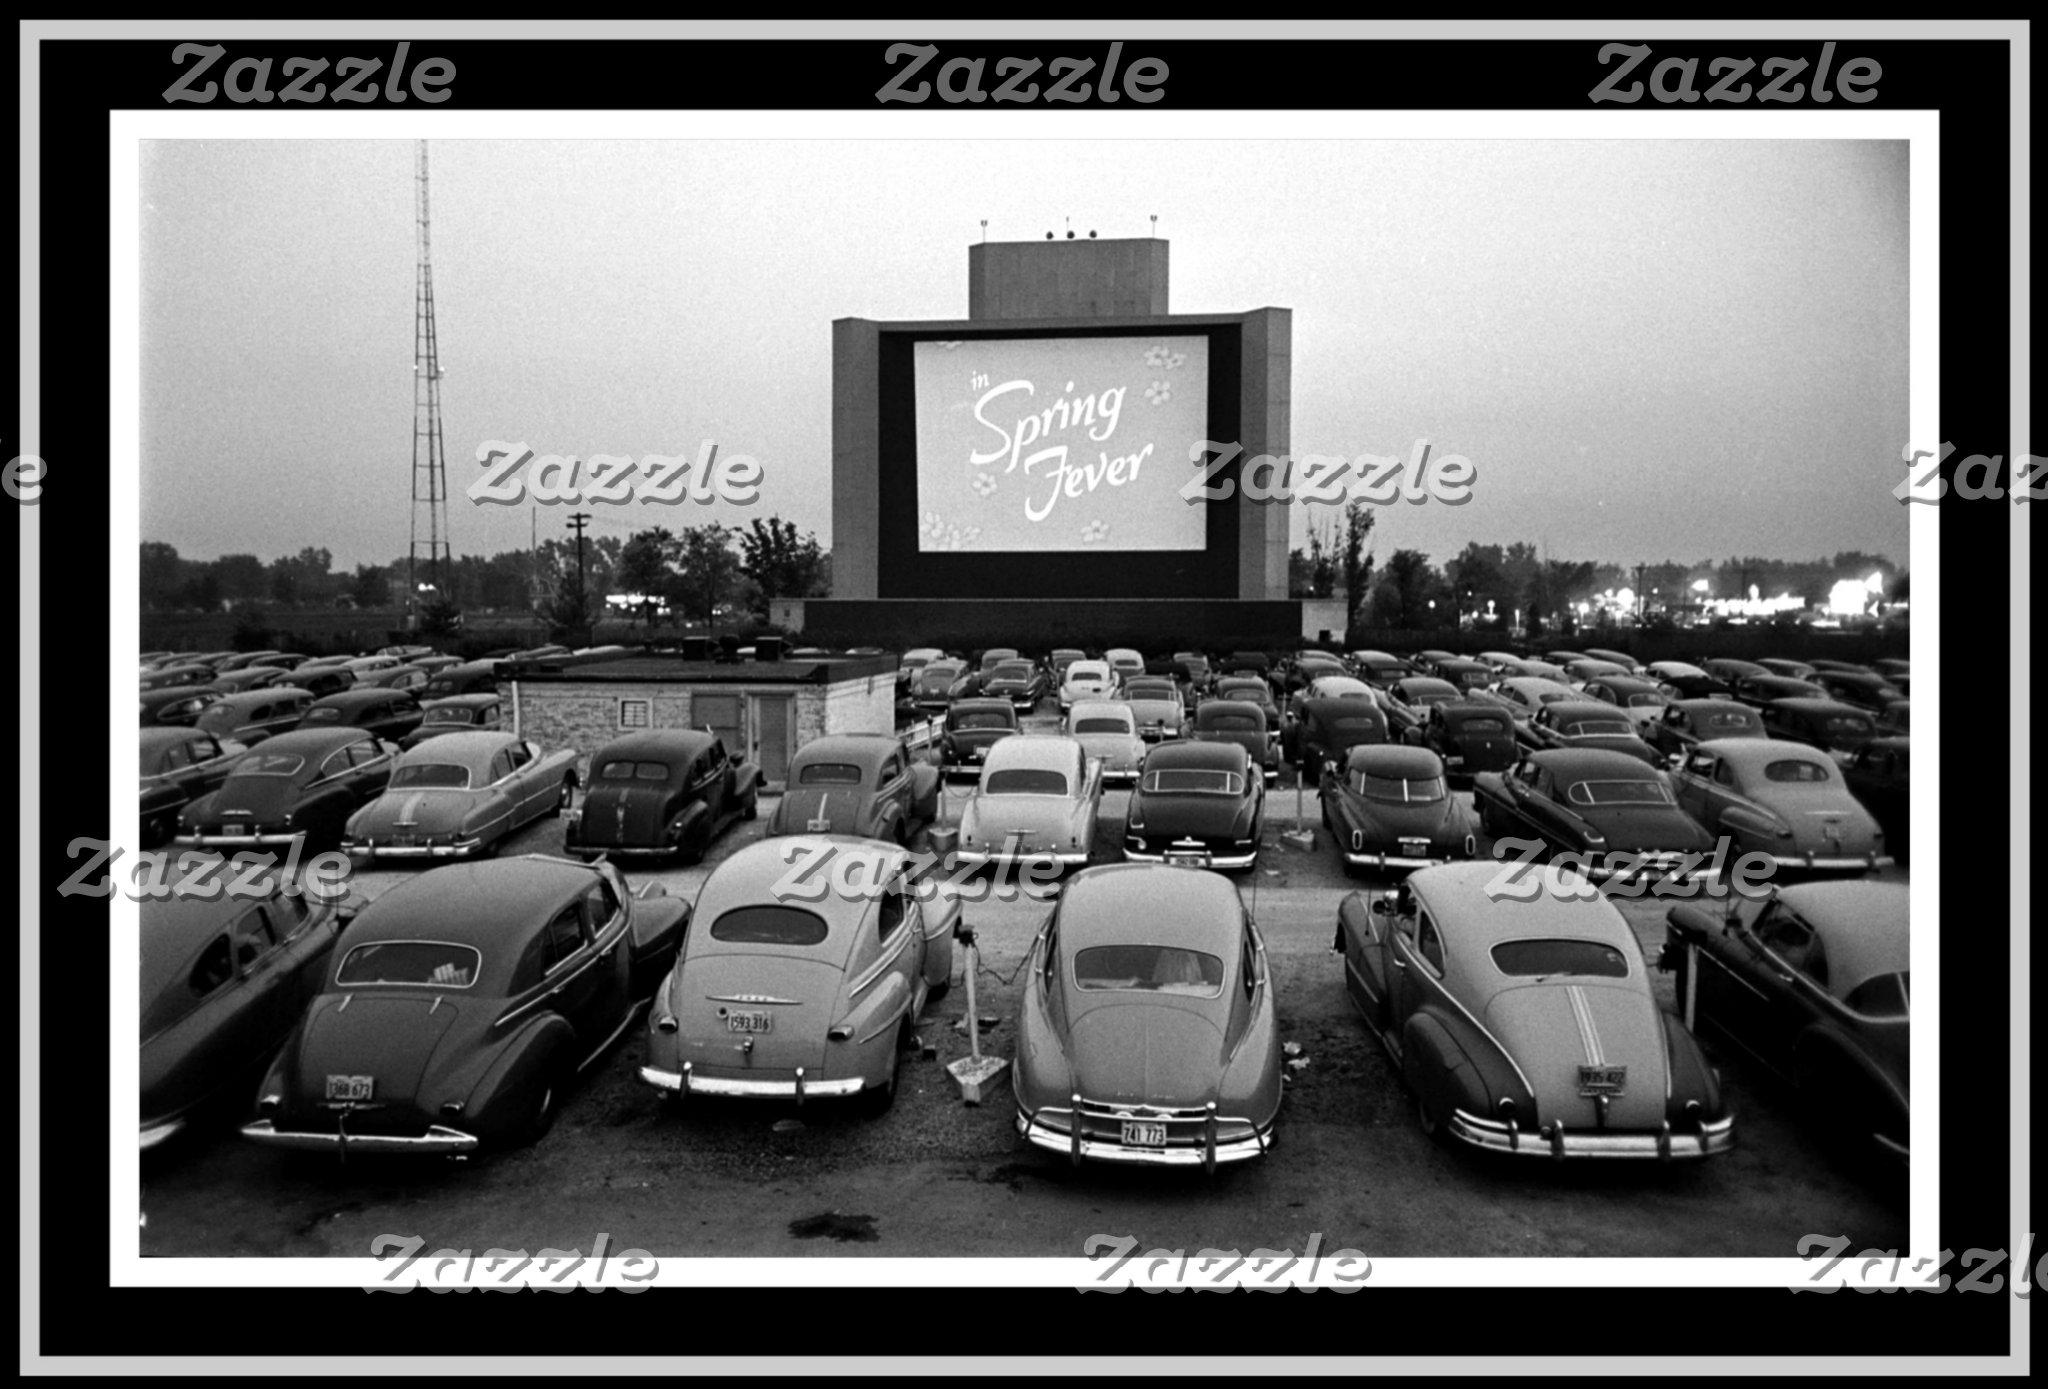 Vintage Black and White Photos